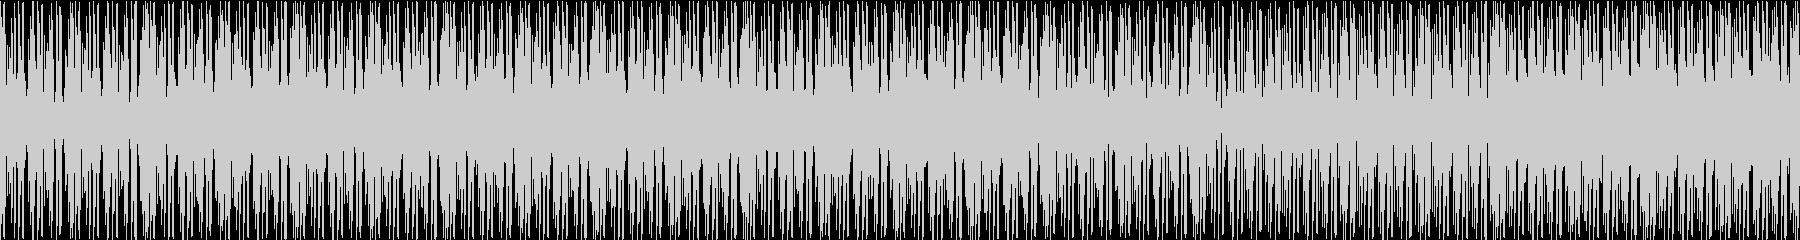 ヒップホップ楽器。圧倒的な、ストリ...の未再生の波形